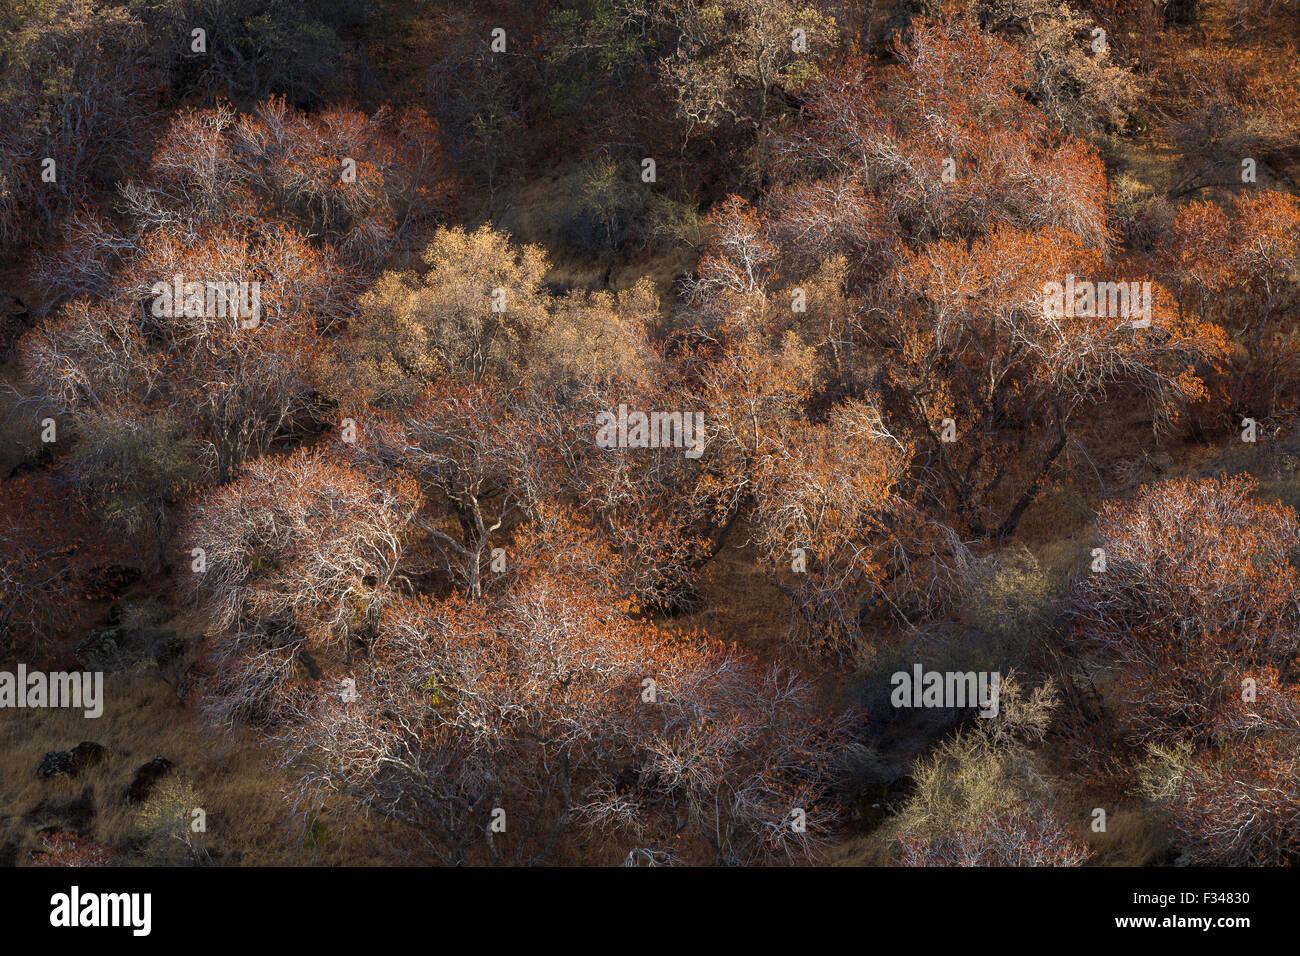 Buckeye árboles atrapar la luz de la tarde, Sequoia National Park, California, EE.UU. Foto de stock